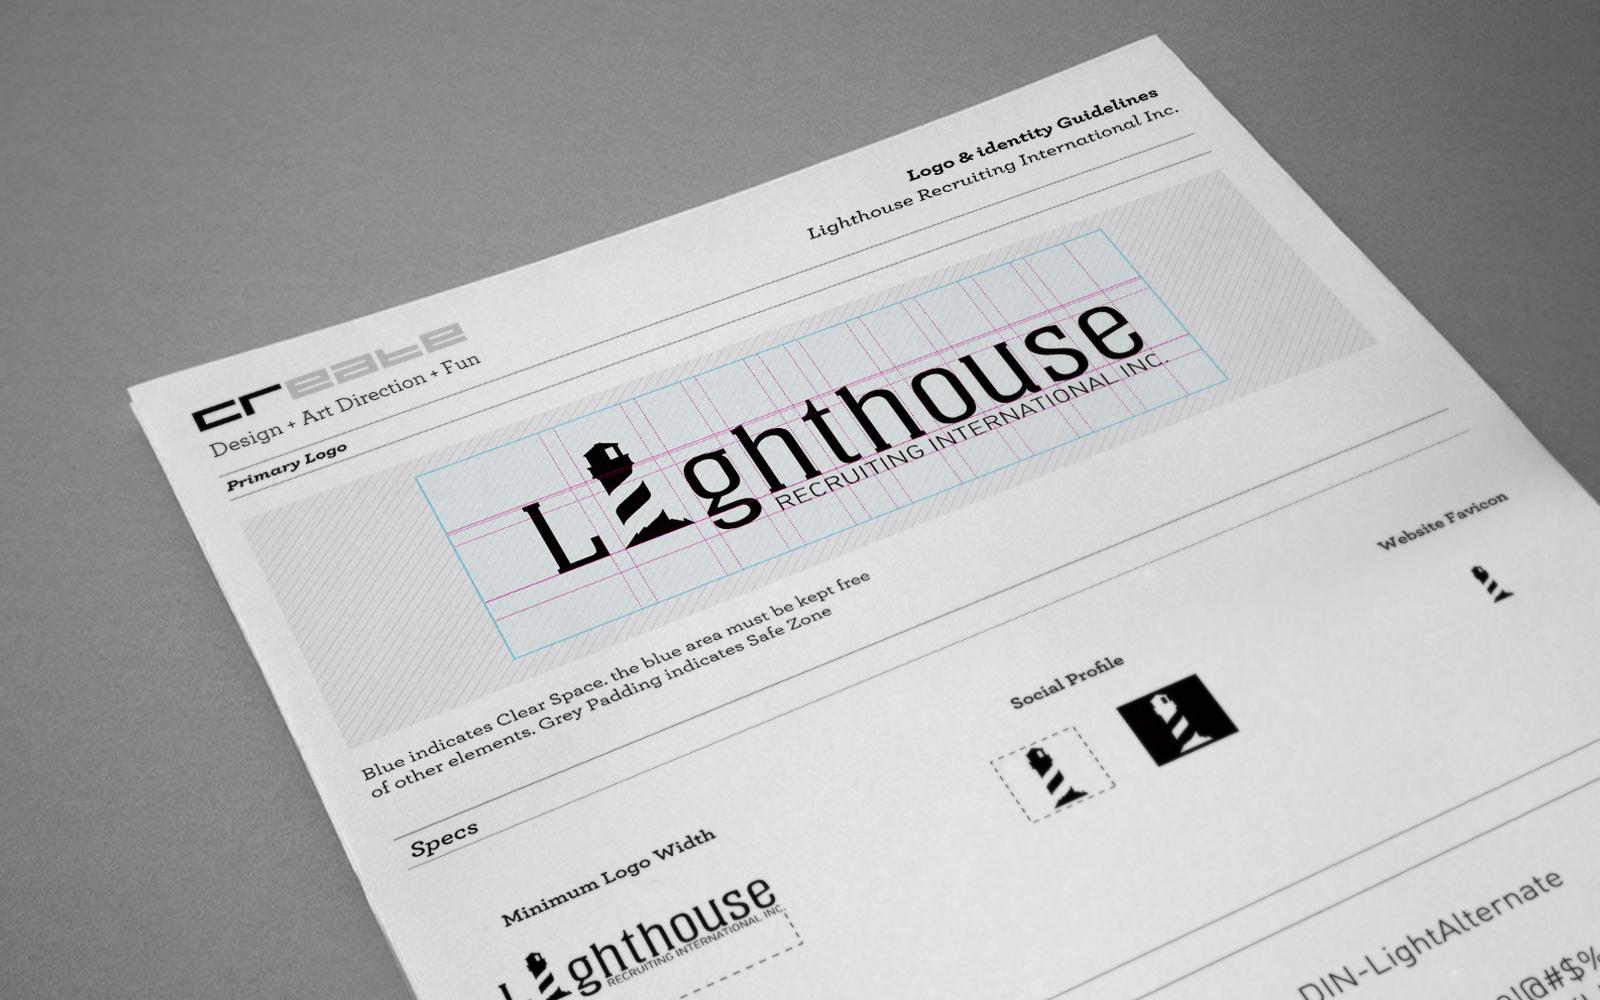 lighthouse-rii-logo-design-camilorojas+3_o.jpg